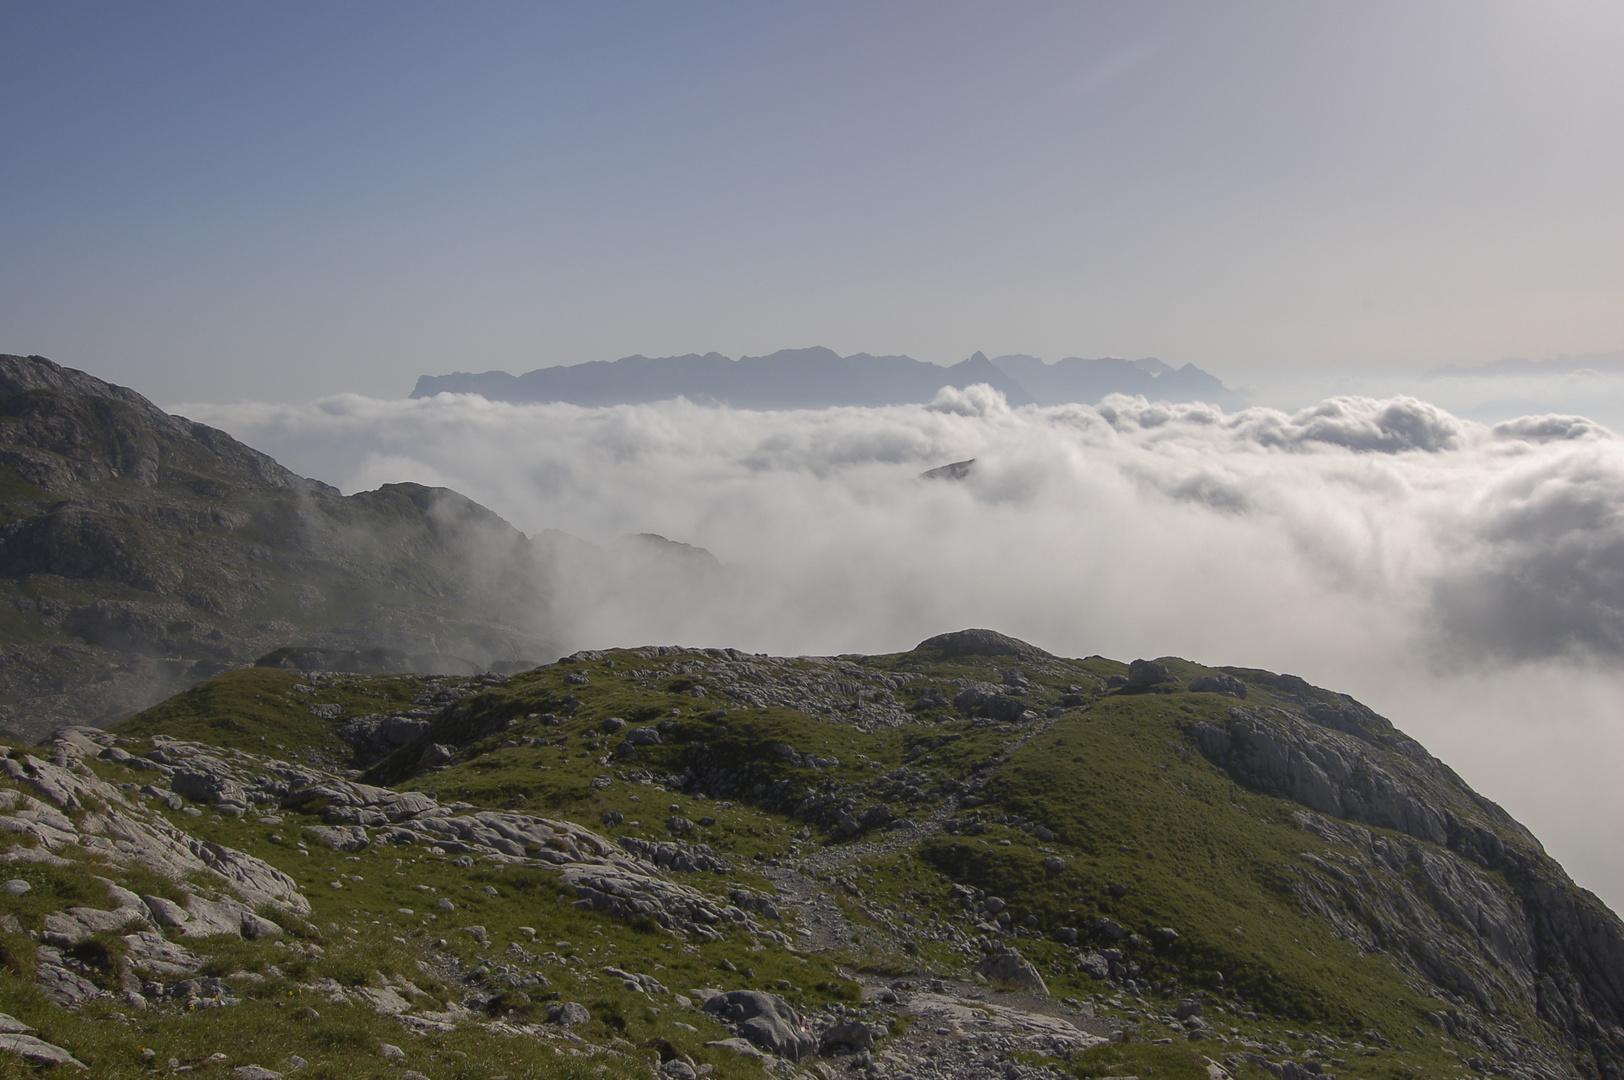 Wanderung auf den Hochkönig (2941 m ü.N.N.)